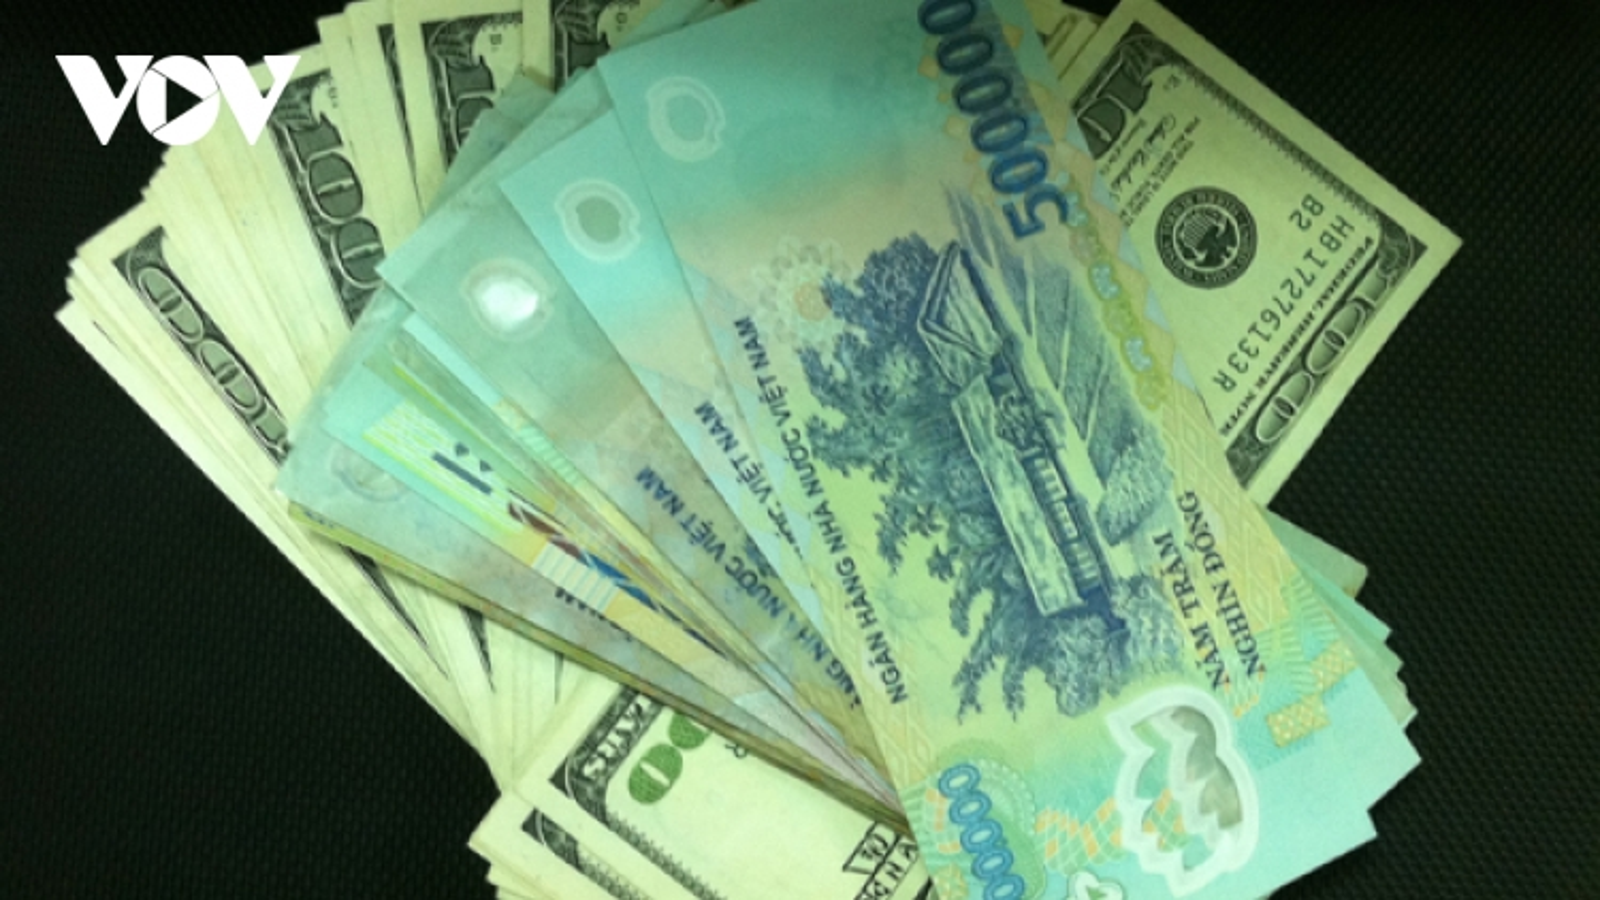 Tỷ giá trung tâm liên tiếp giảm, hiện còn 23.164 VND/USD